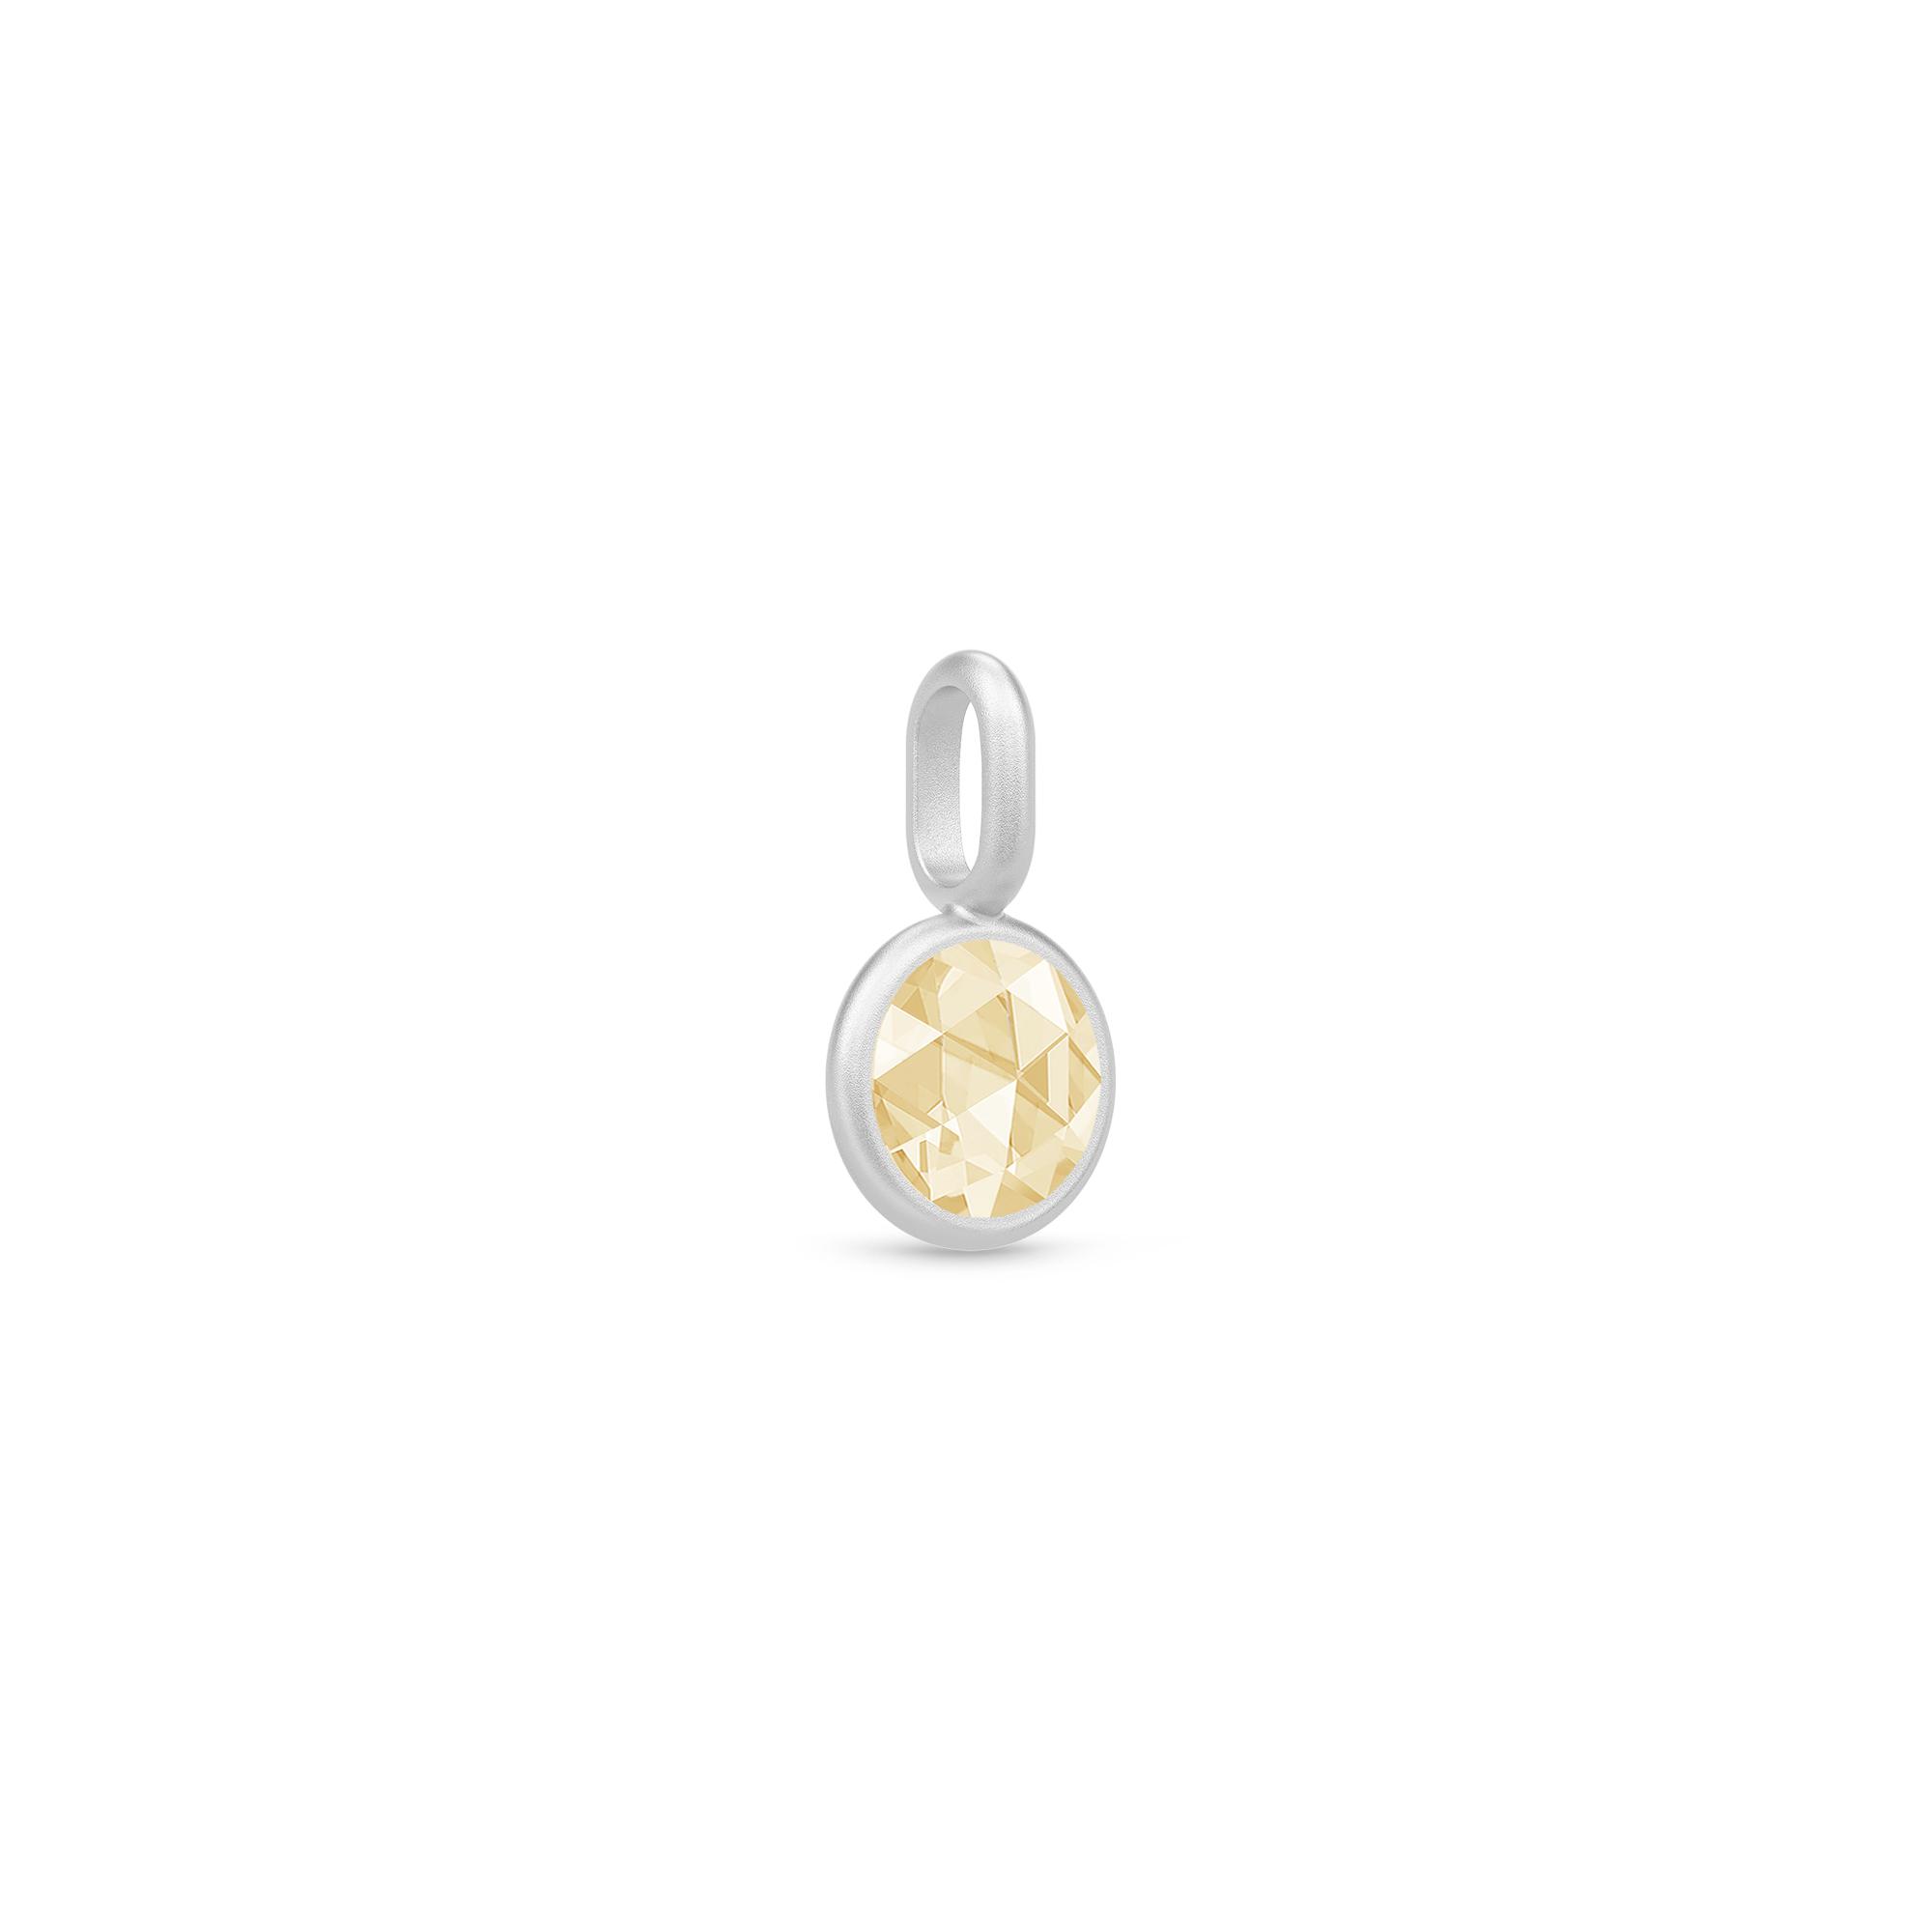 Julie Sandlau Cocktail lille vedhæng i sølv med lemon gul zirkon